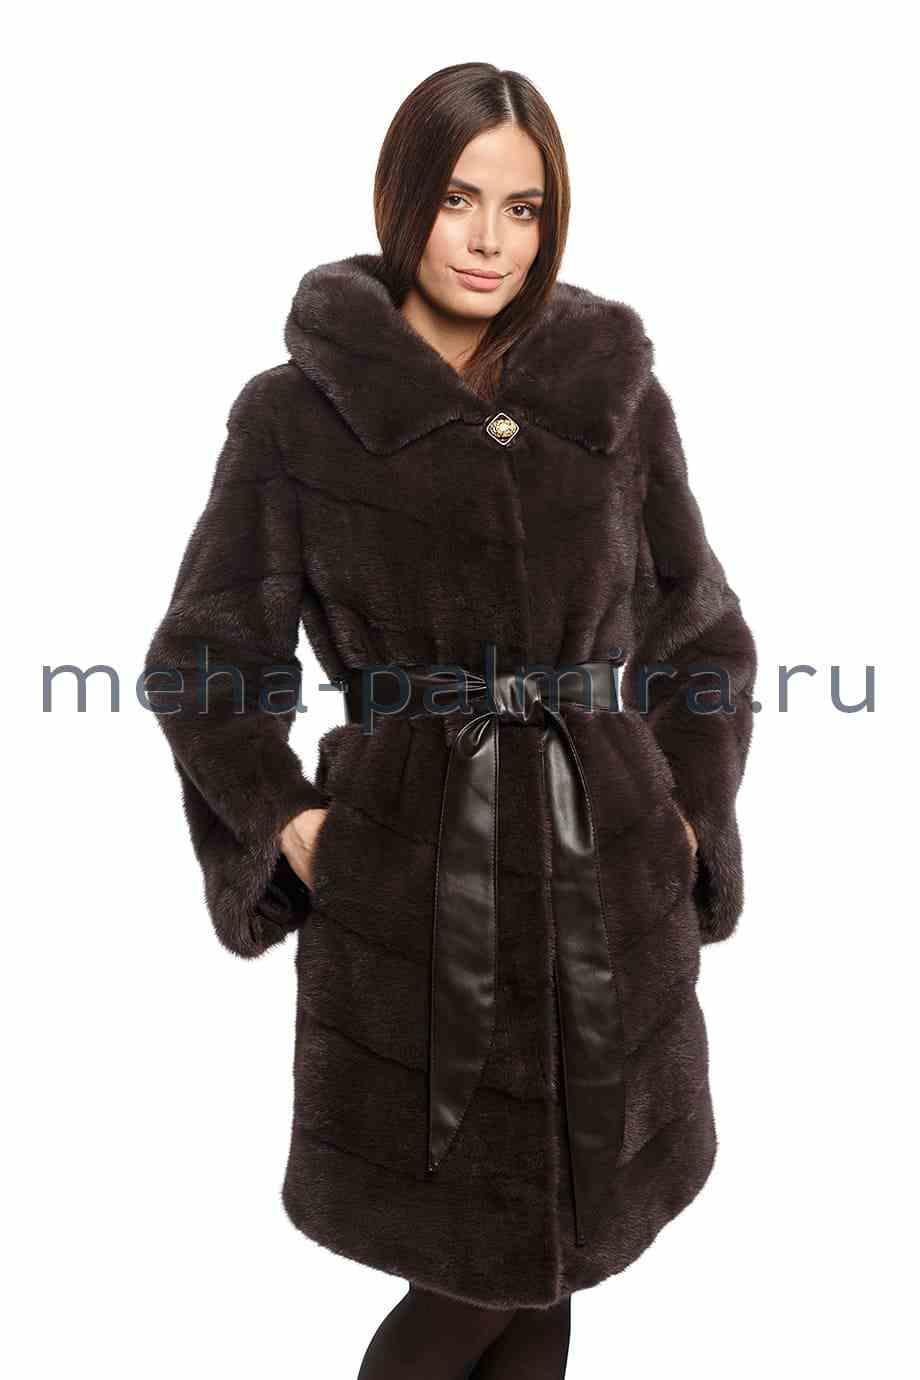 Меховое пальто с капюшоном, цвет капучино